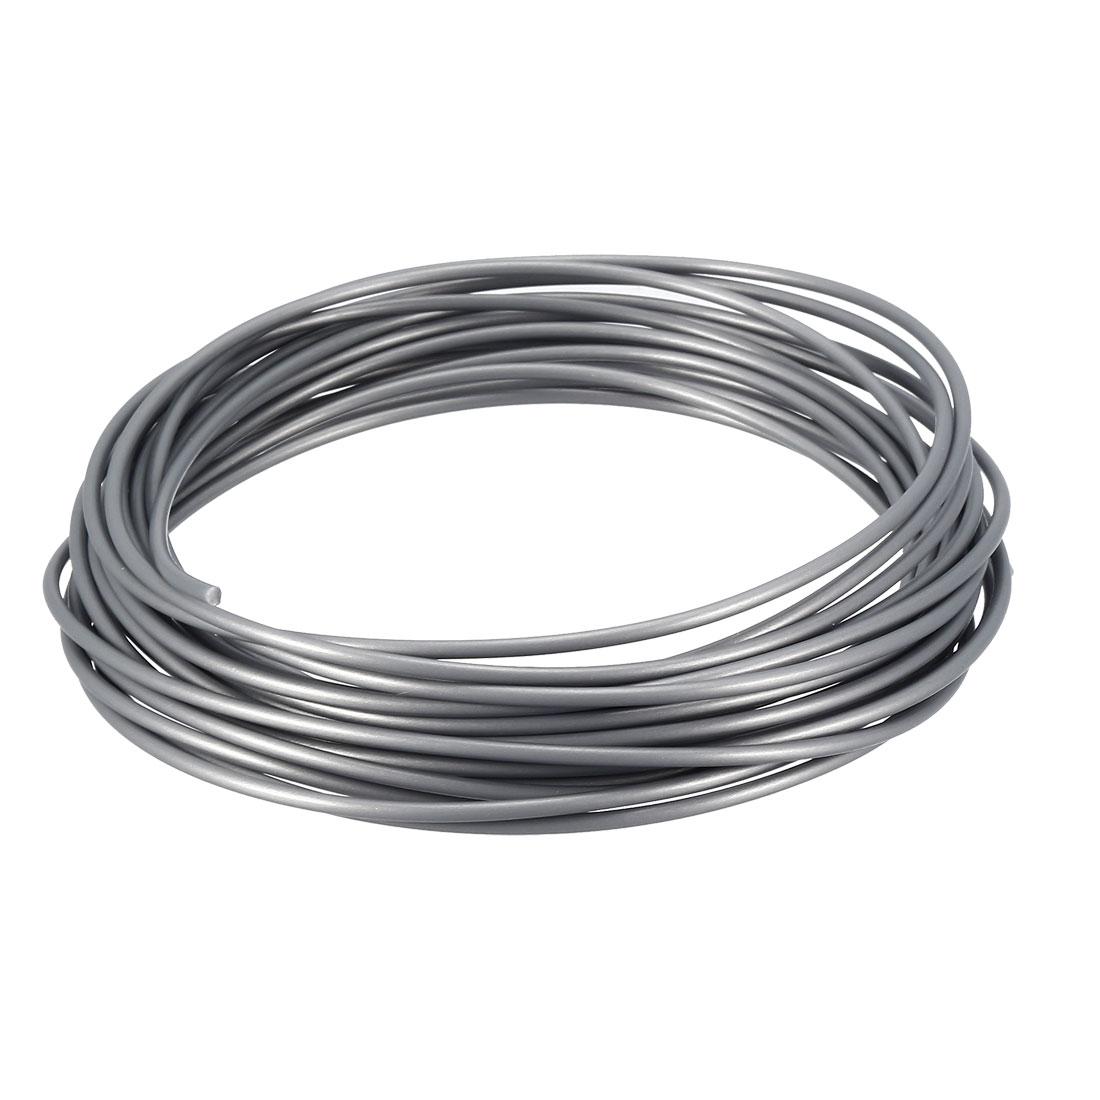 5 Meter/16 Ft PLA 3D Pen/3D Printer Filament, 1.75 mm Silver